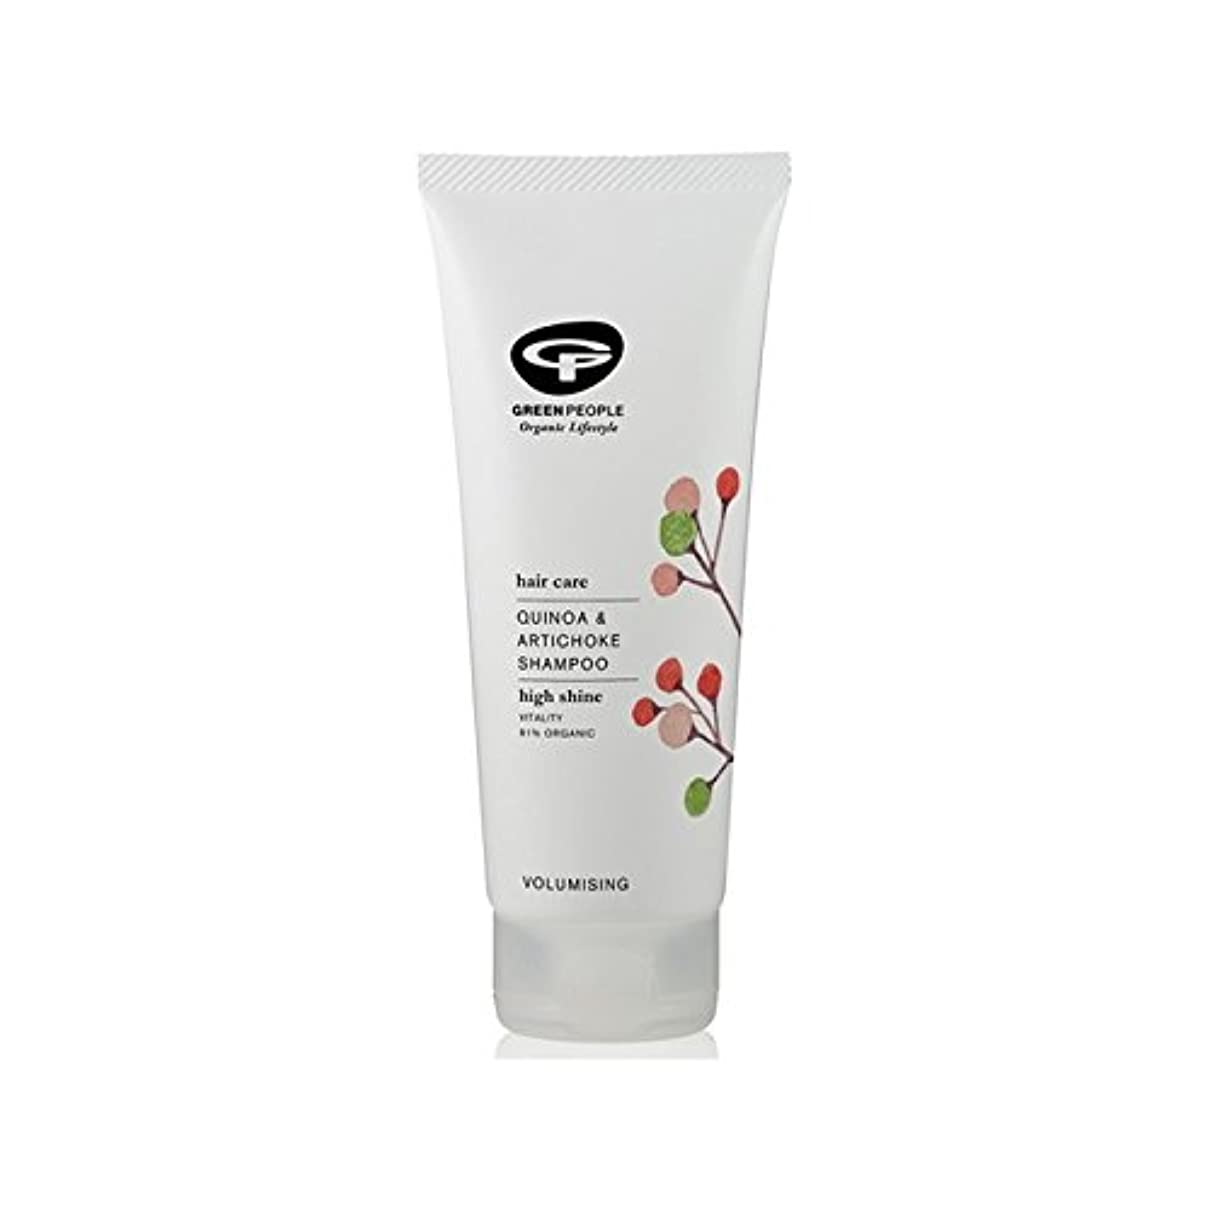 添加ヒギンズベルトGreen People Quinoa & Artichoke Shampoo (200ml) - 緑の人のキノア&アーティチョークシャンプー(200ミリリットル) [並行輸入品]